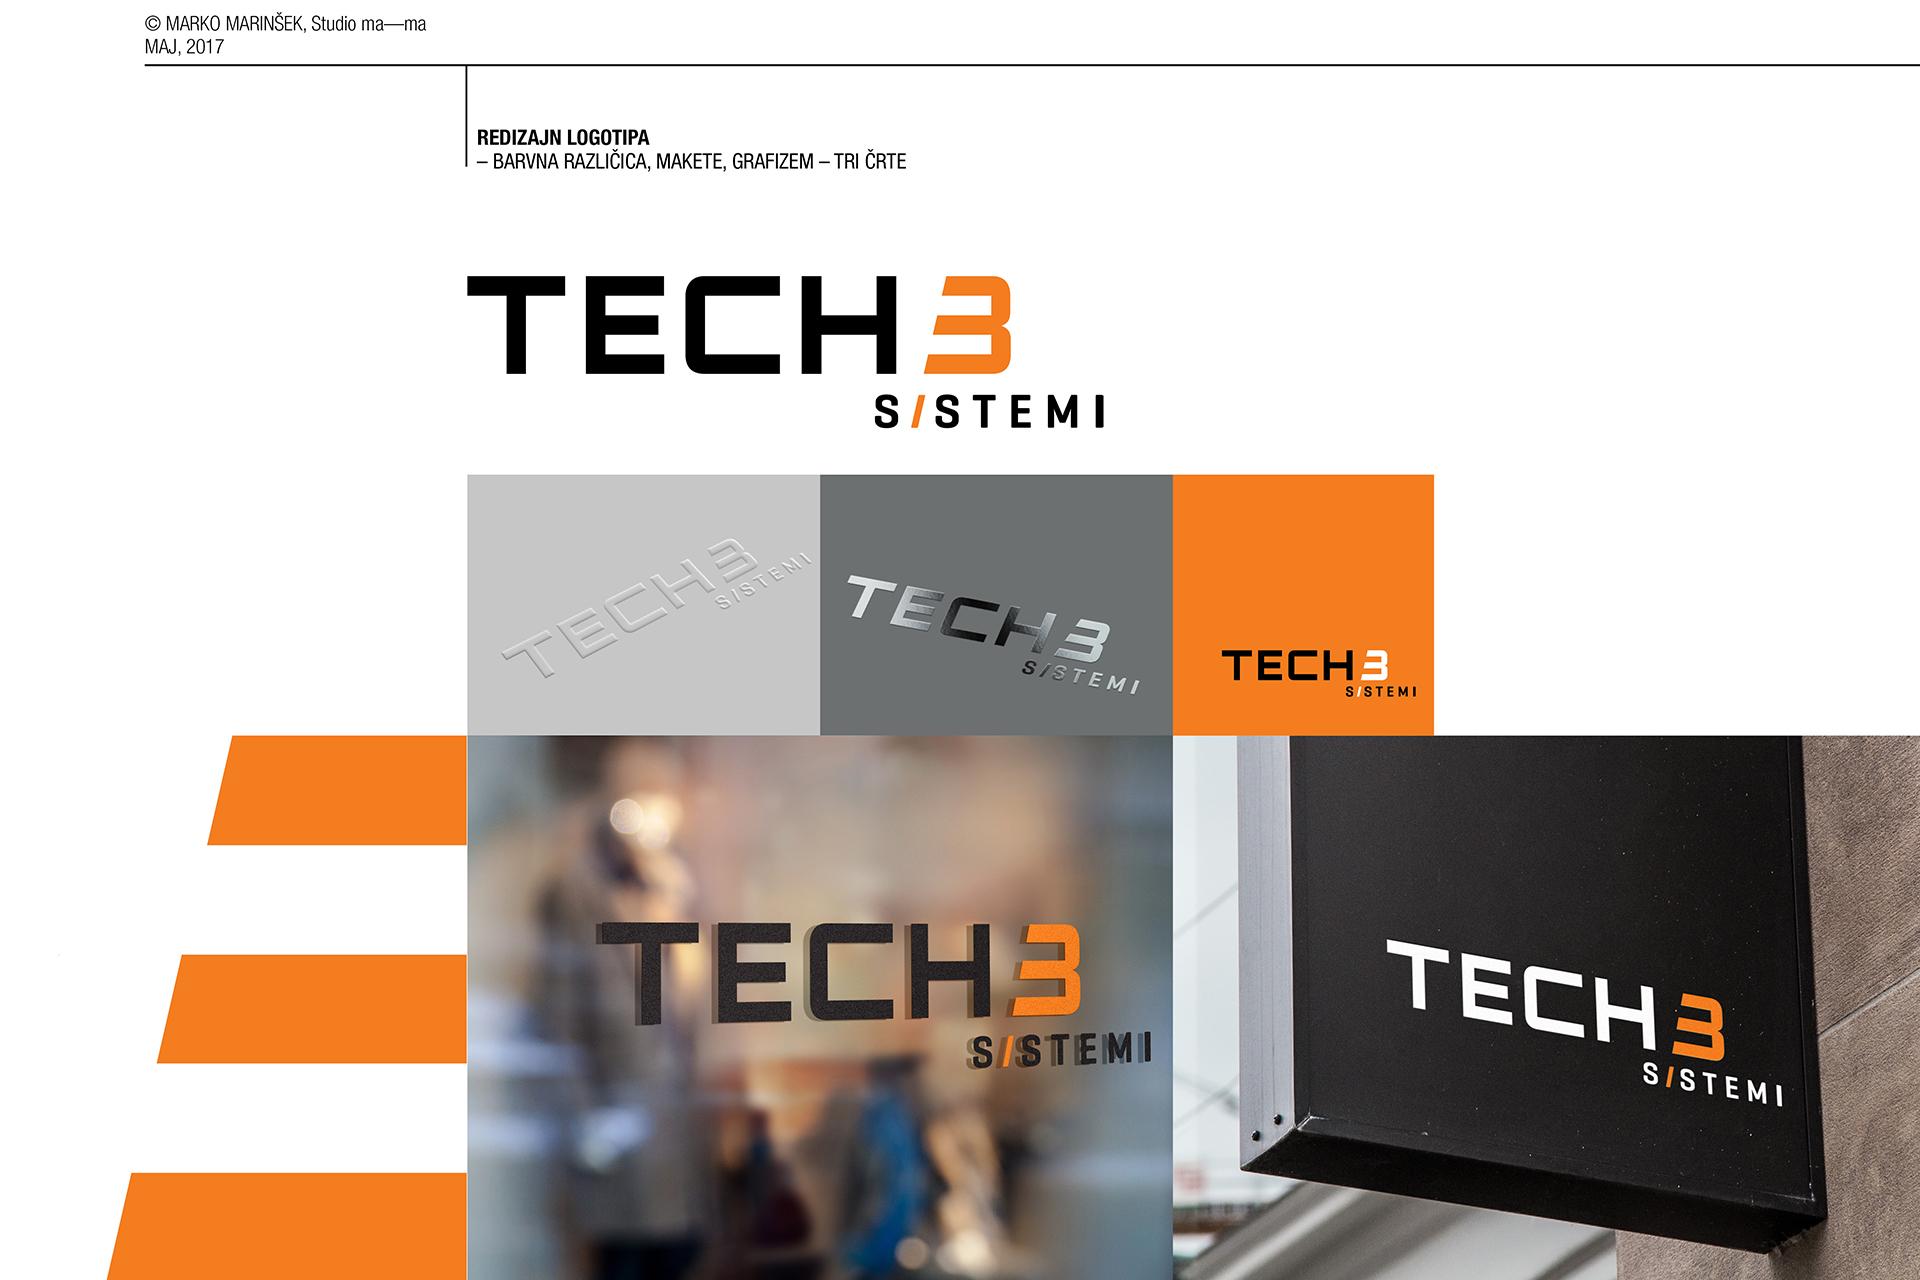 tech_3_marinsek_ma-ma_znak